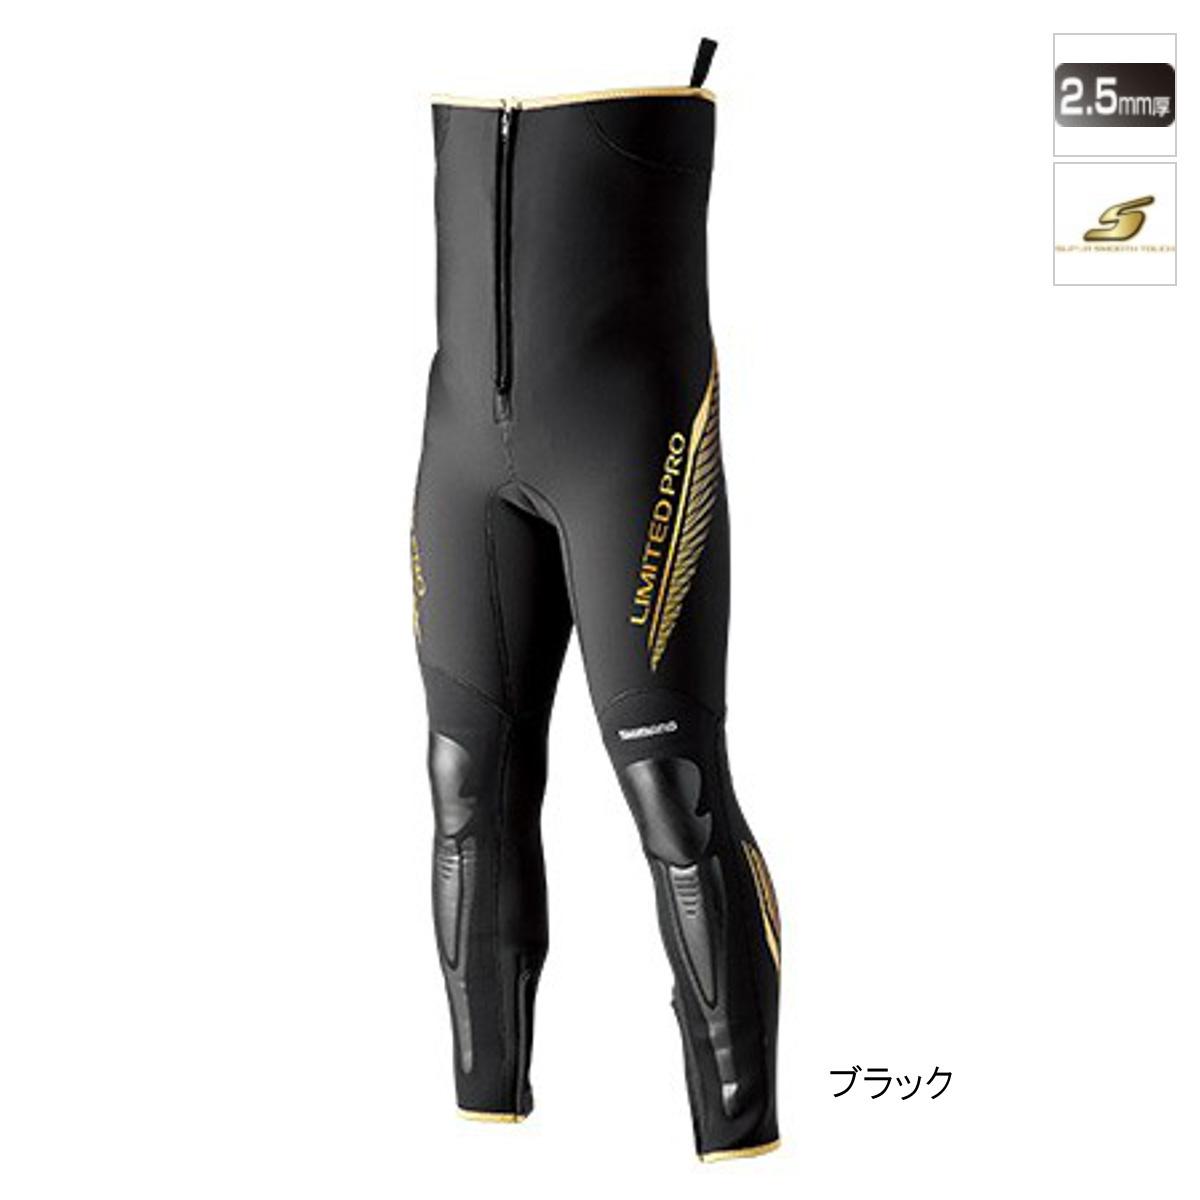 シマノ タイツリミテッドプロ FI-011S 3LB ブラック